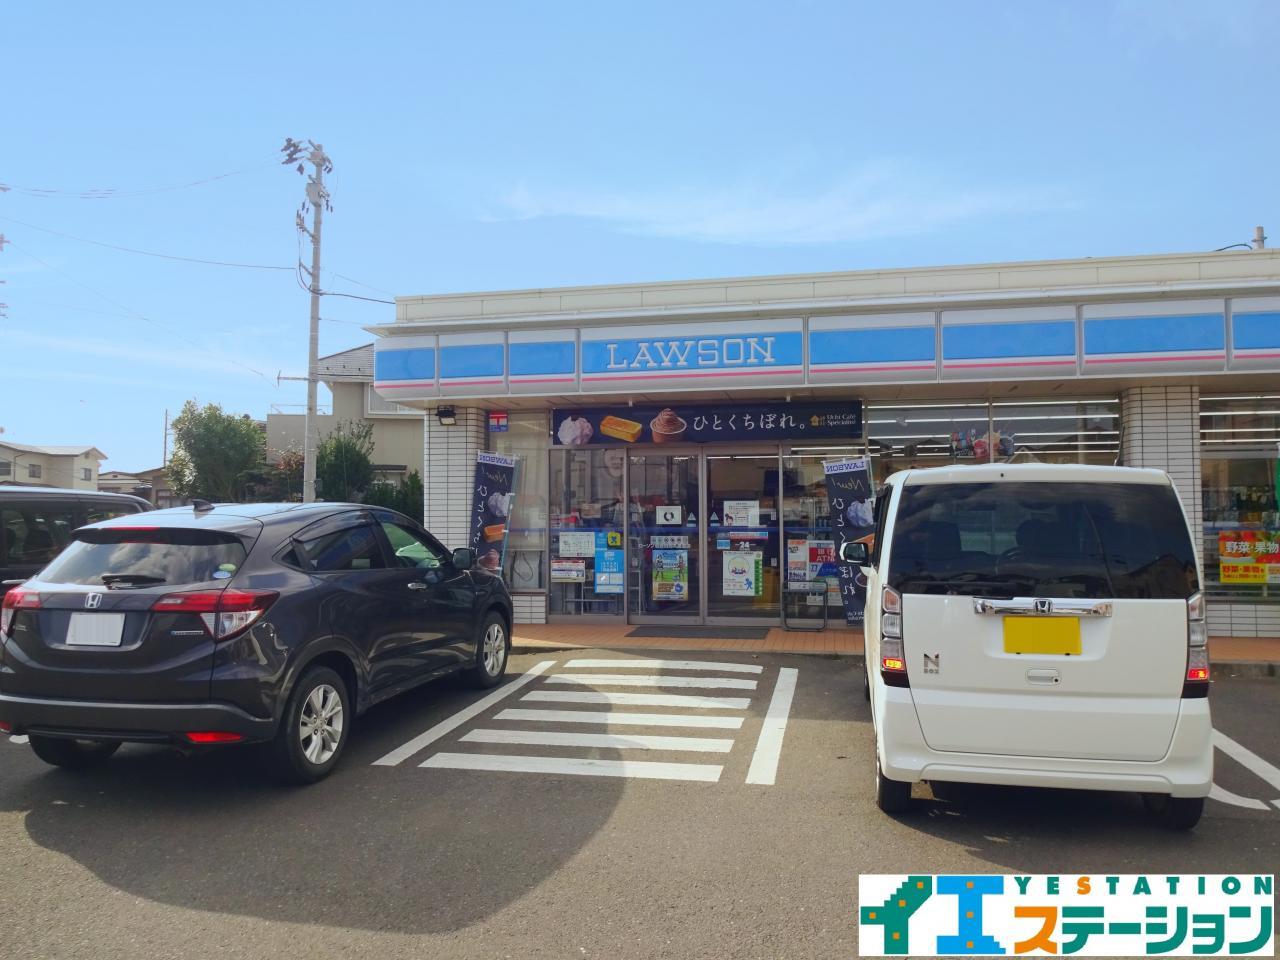 ローソン四郎丸渡道店